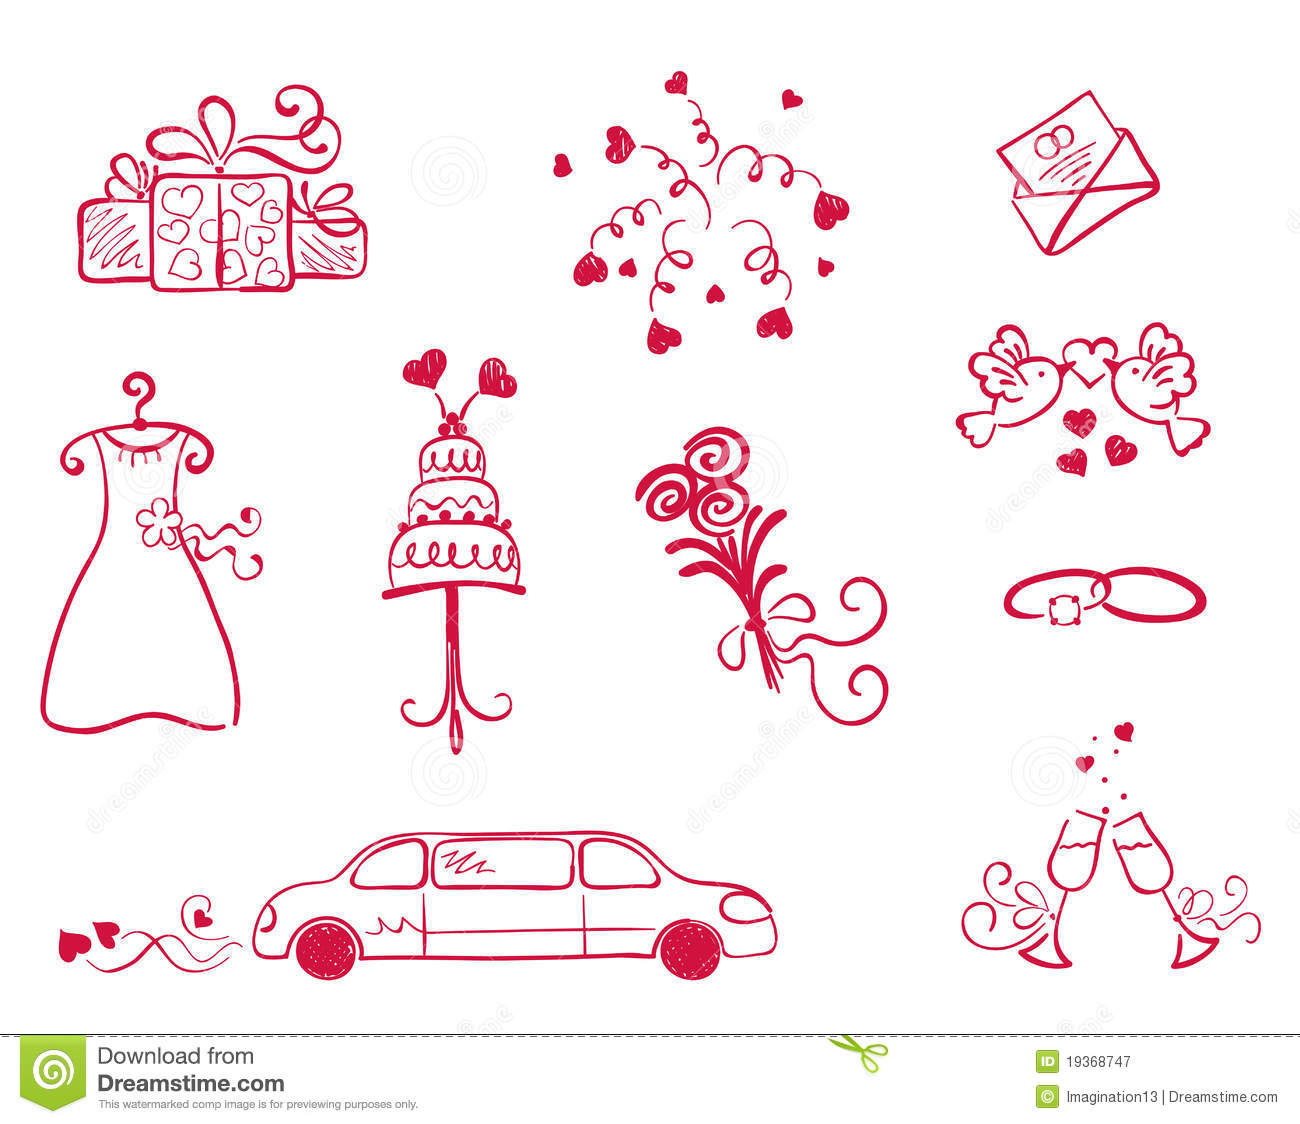 objet mariage le mariage. Black Bedroom Furniture Sets. Home Design Ideas